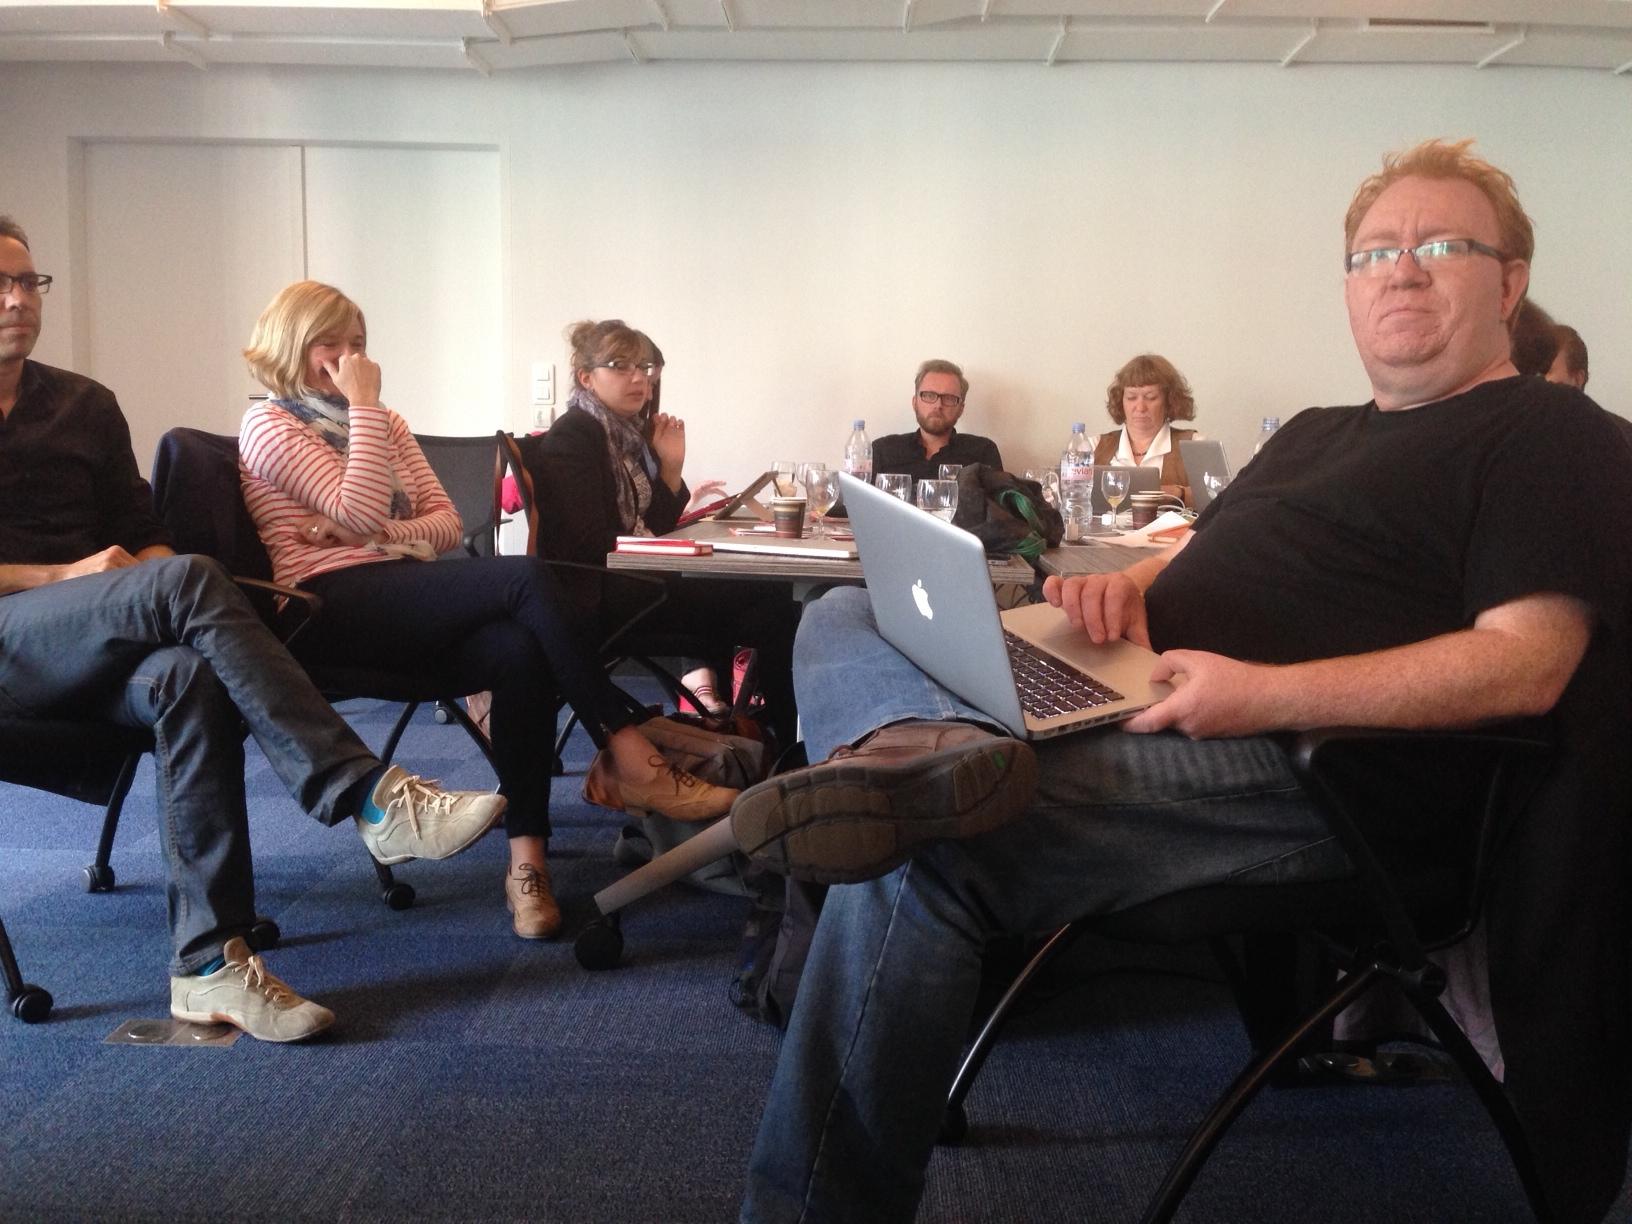 Ambiance studieuse hier après-midi à Bruxelles avec au premier plan le consultant britannique Nik Goodman